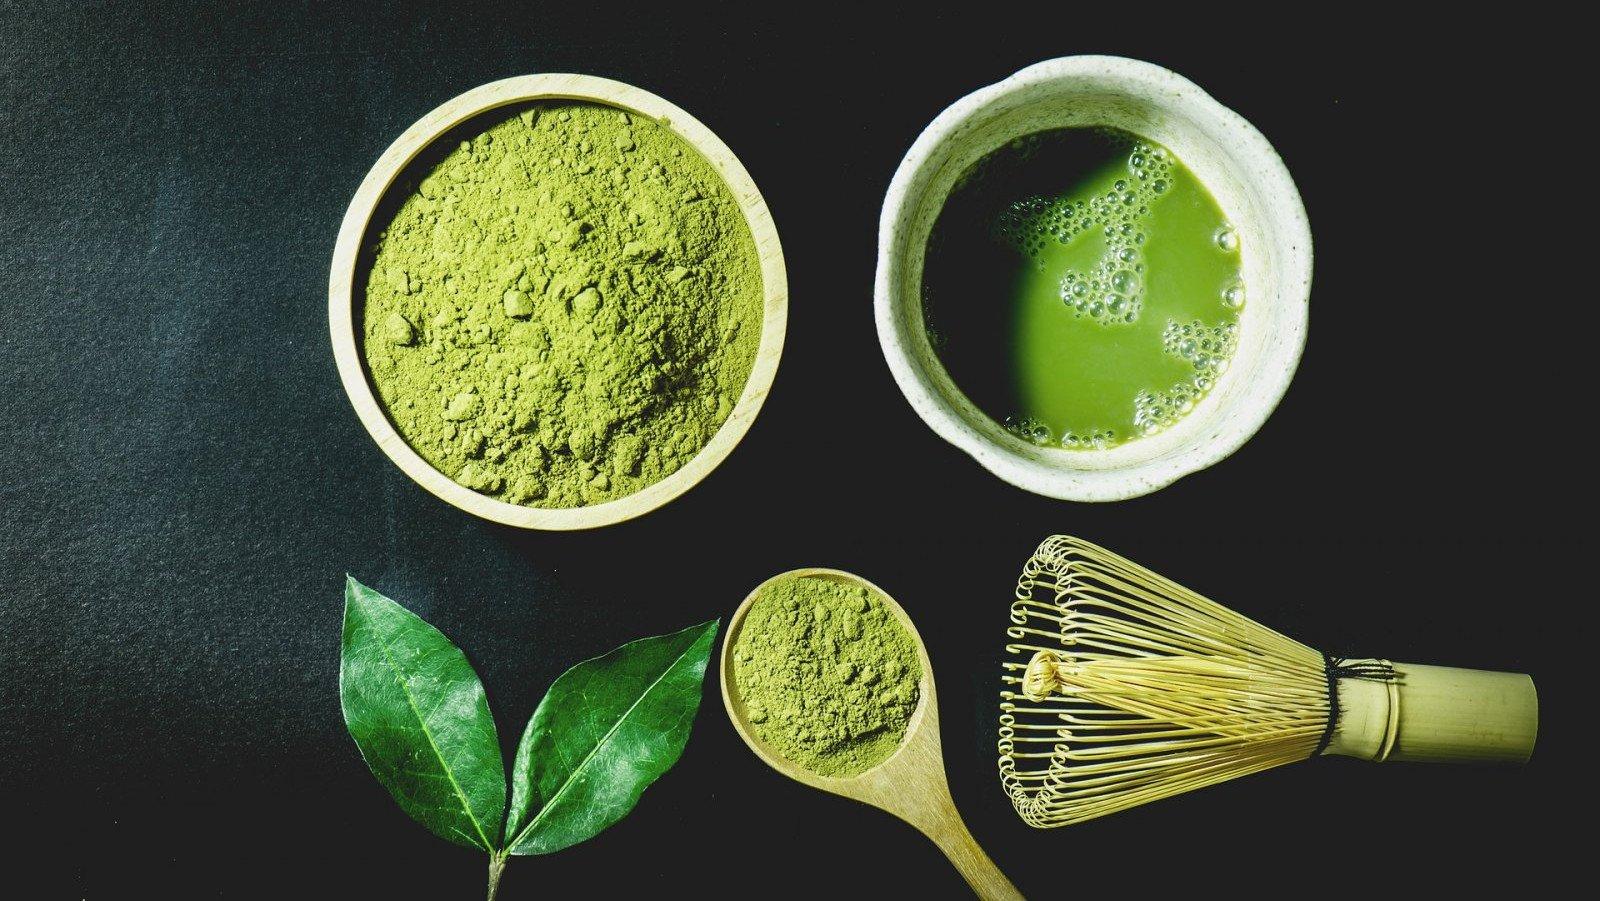 El té matcha contiene 10 veces más propiedades nutritivas que el té verde.